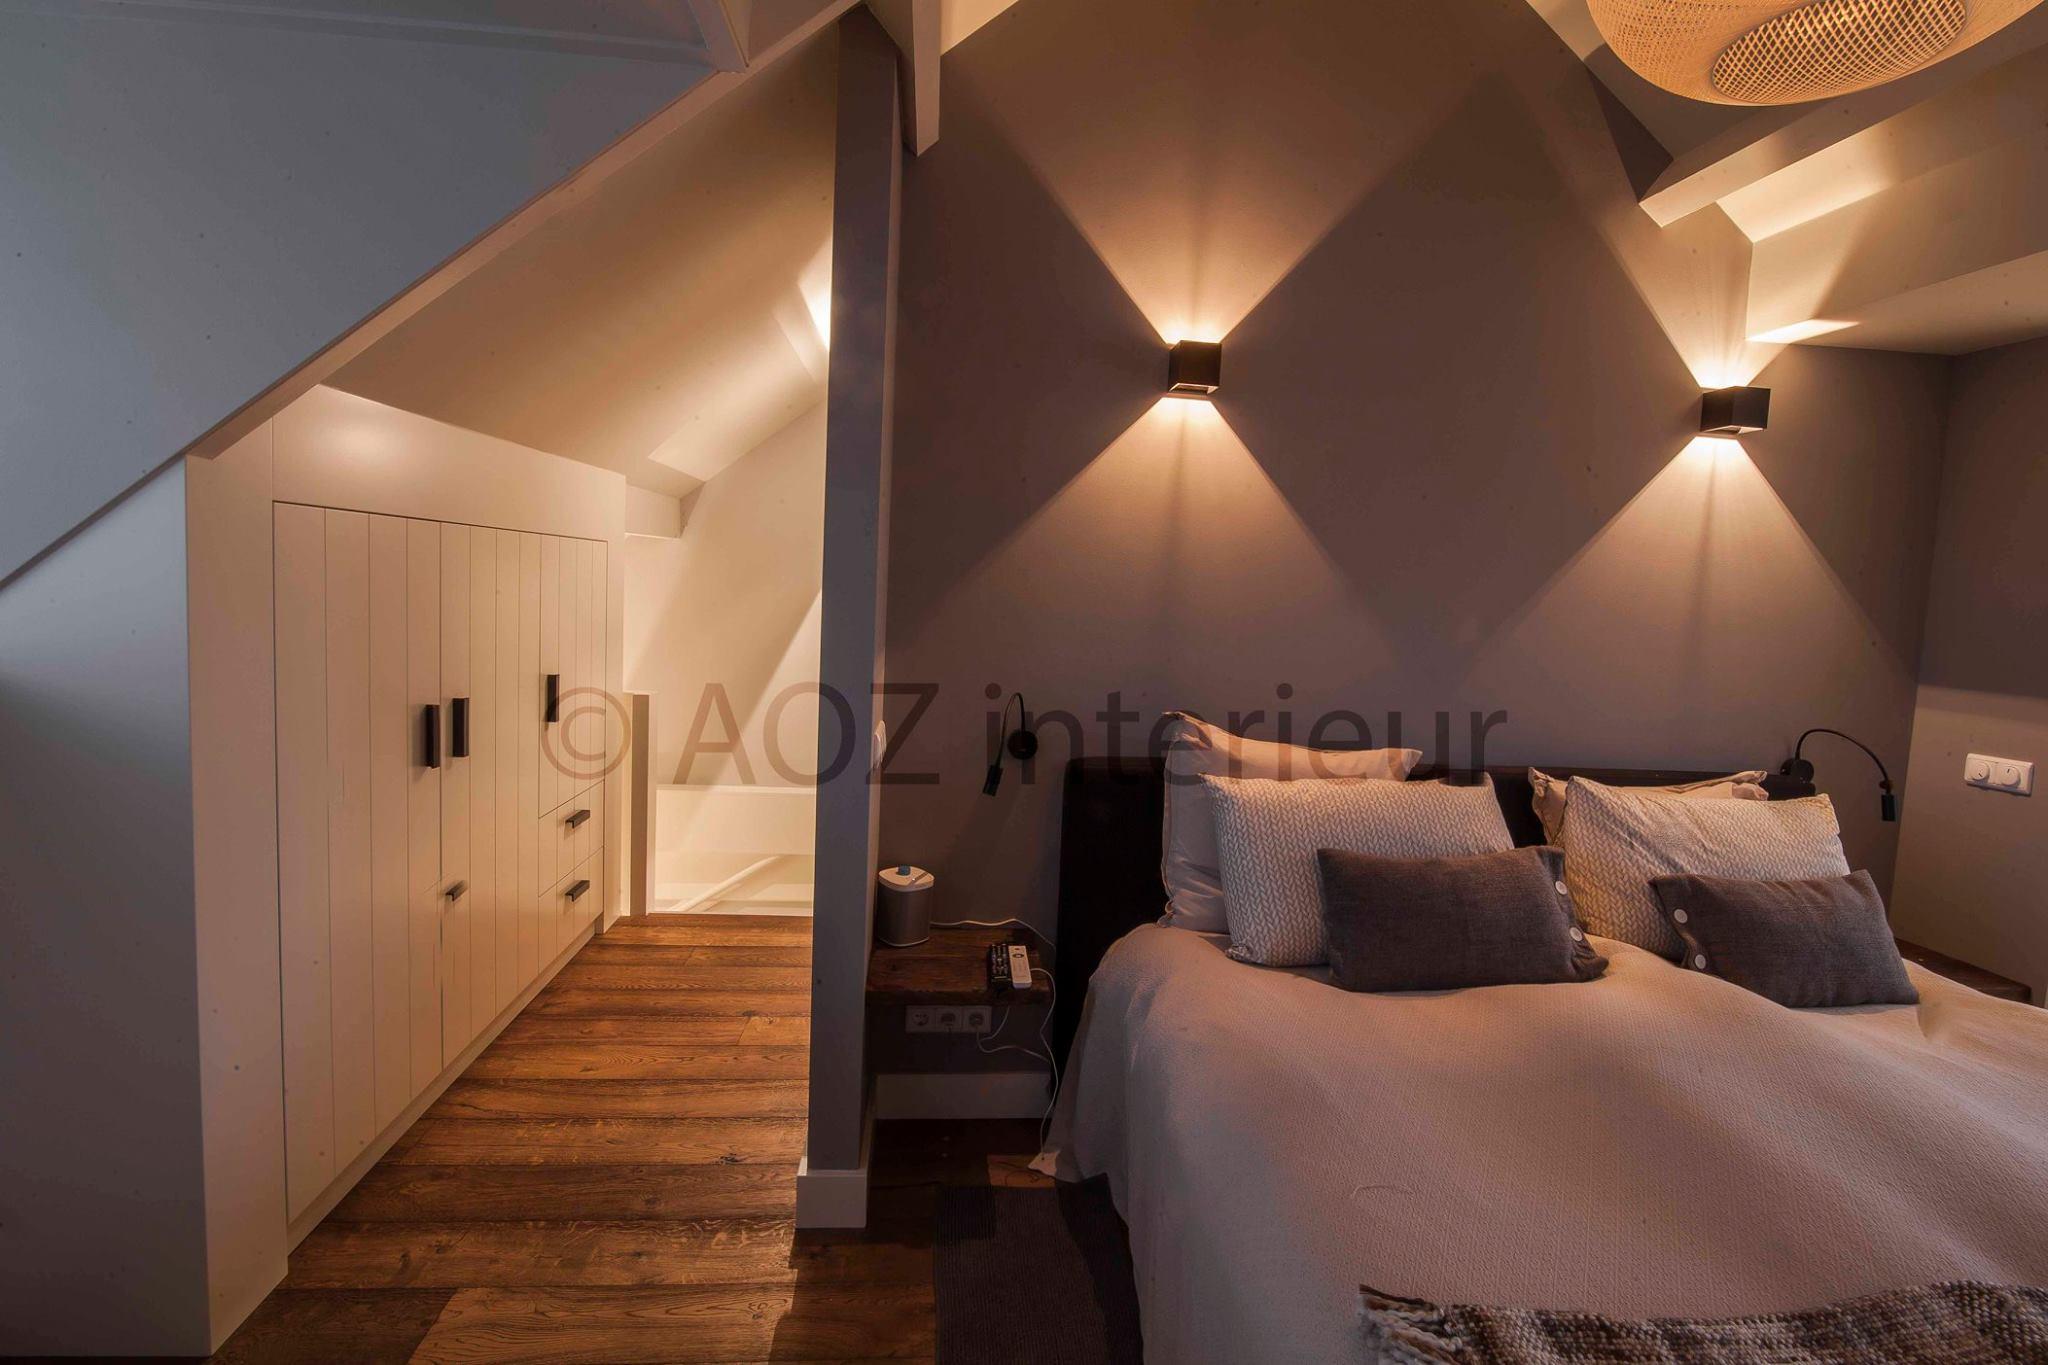 Slaapkamer Zolder Ideeen : Slaapkamer zolder u artsmedia